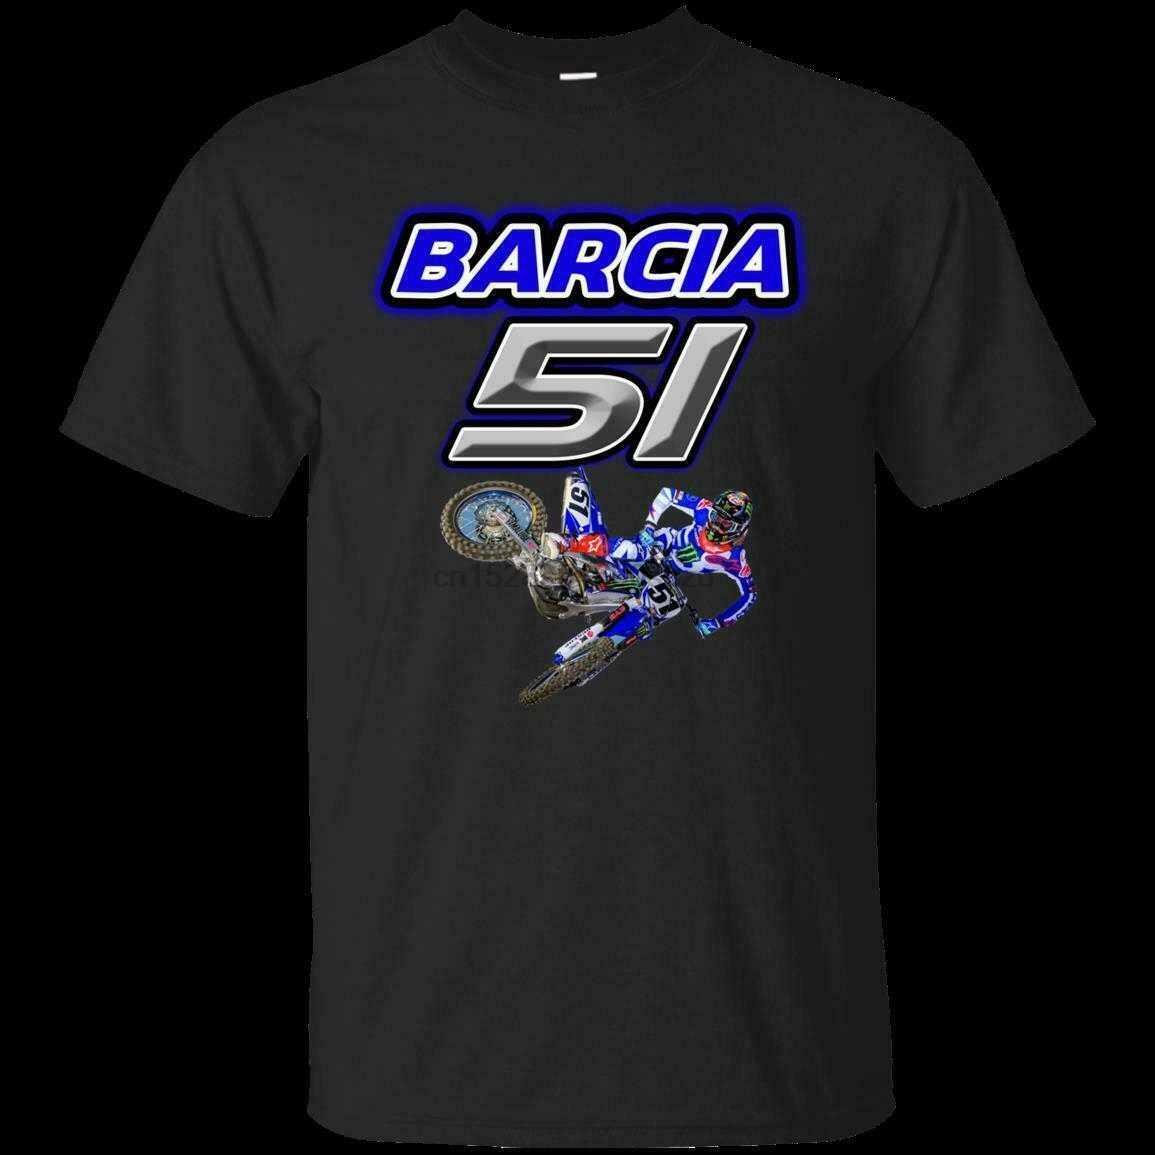 เสื้อยืดบุรุษ Mens Motocross และ Supercross Justin 51 Barcia BAM สีดำขนาด M-3xl